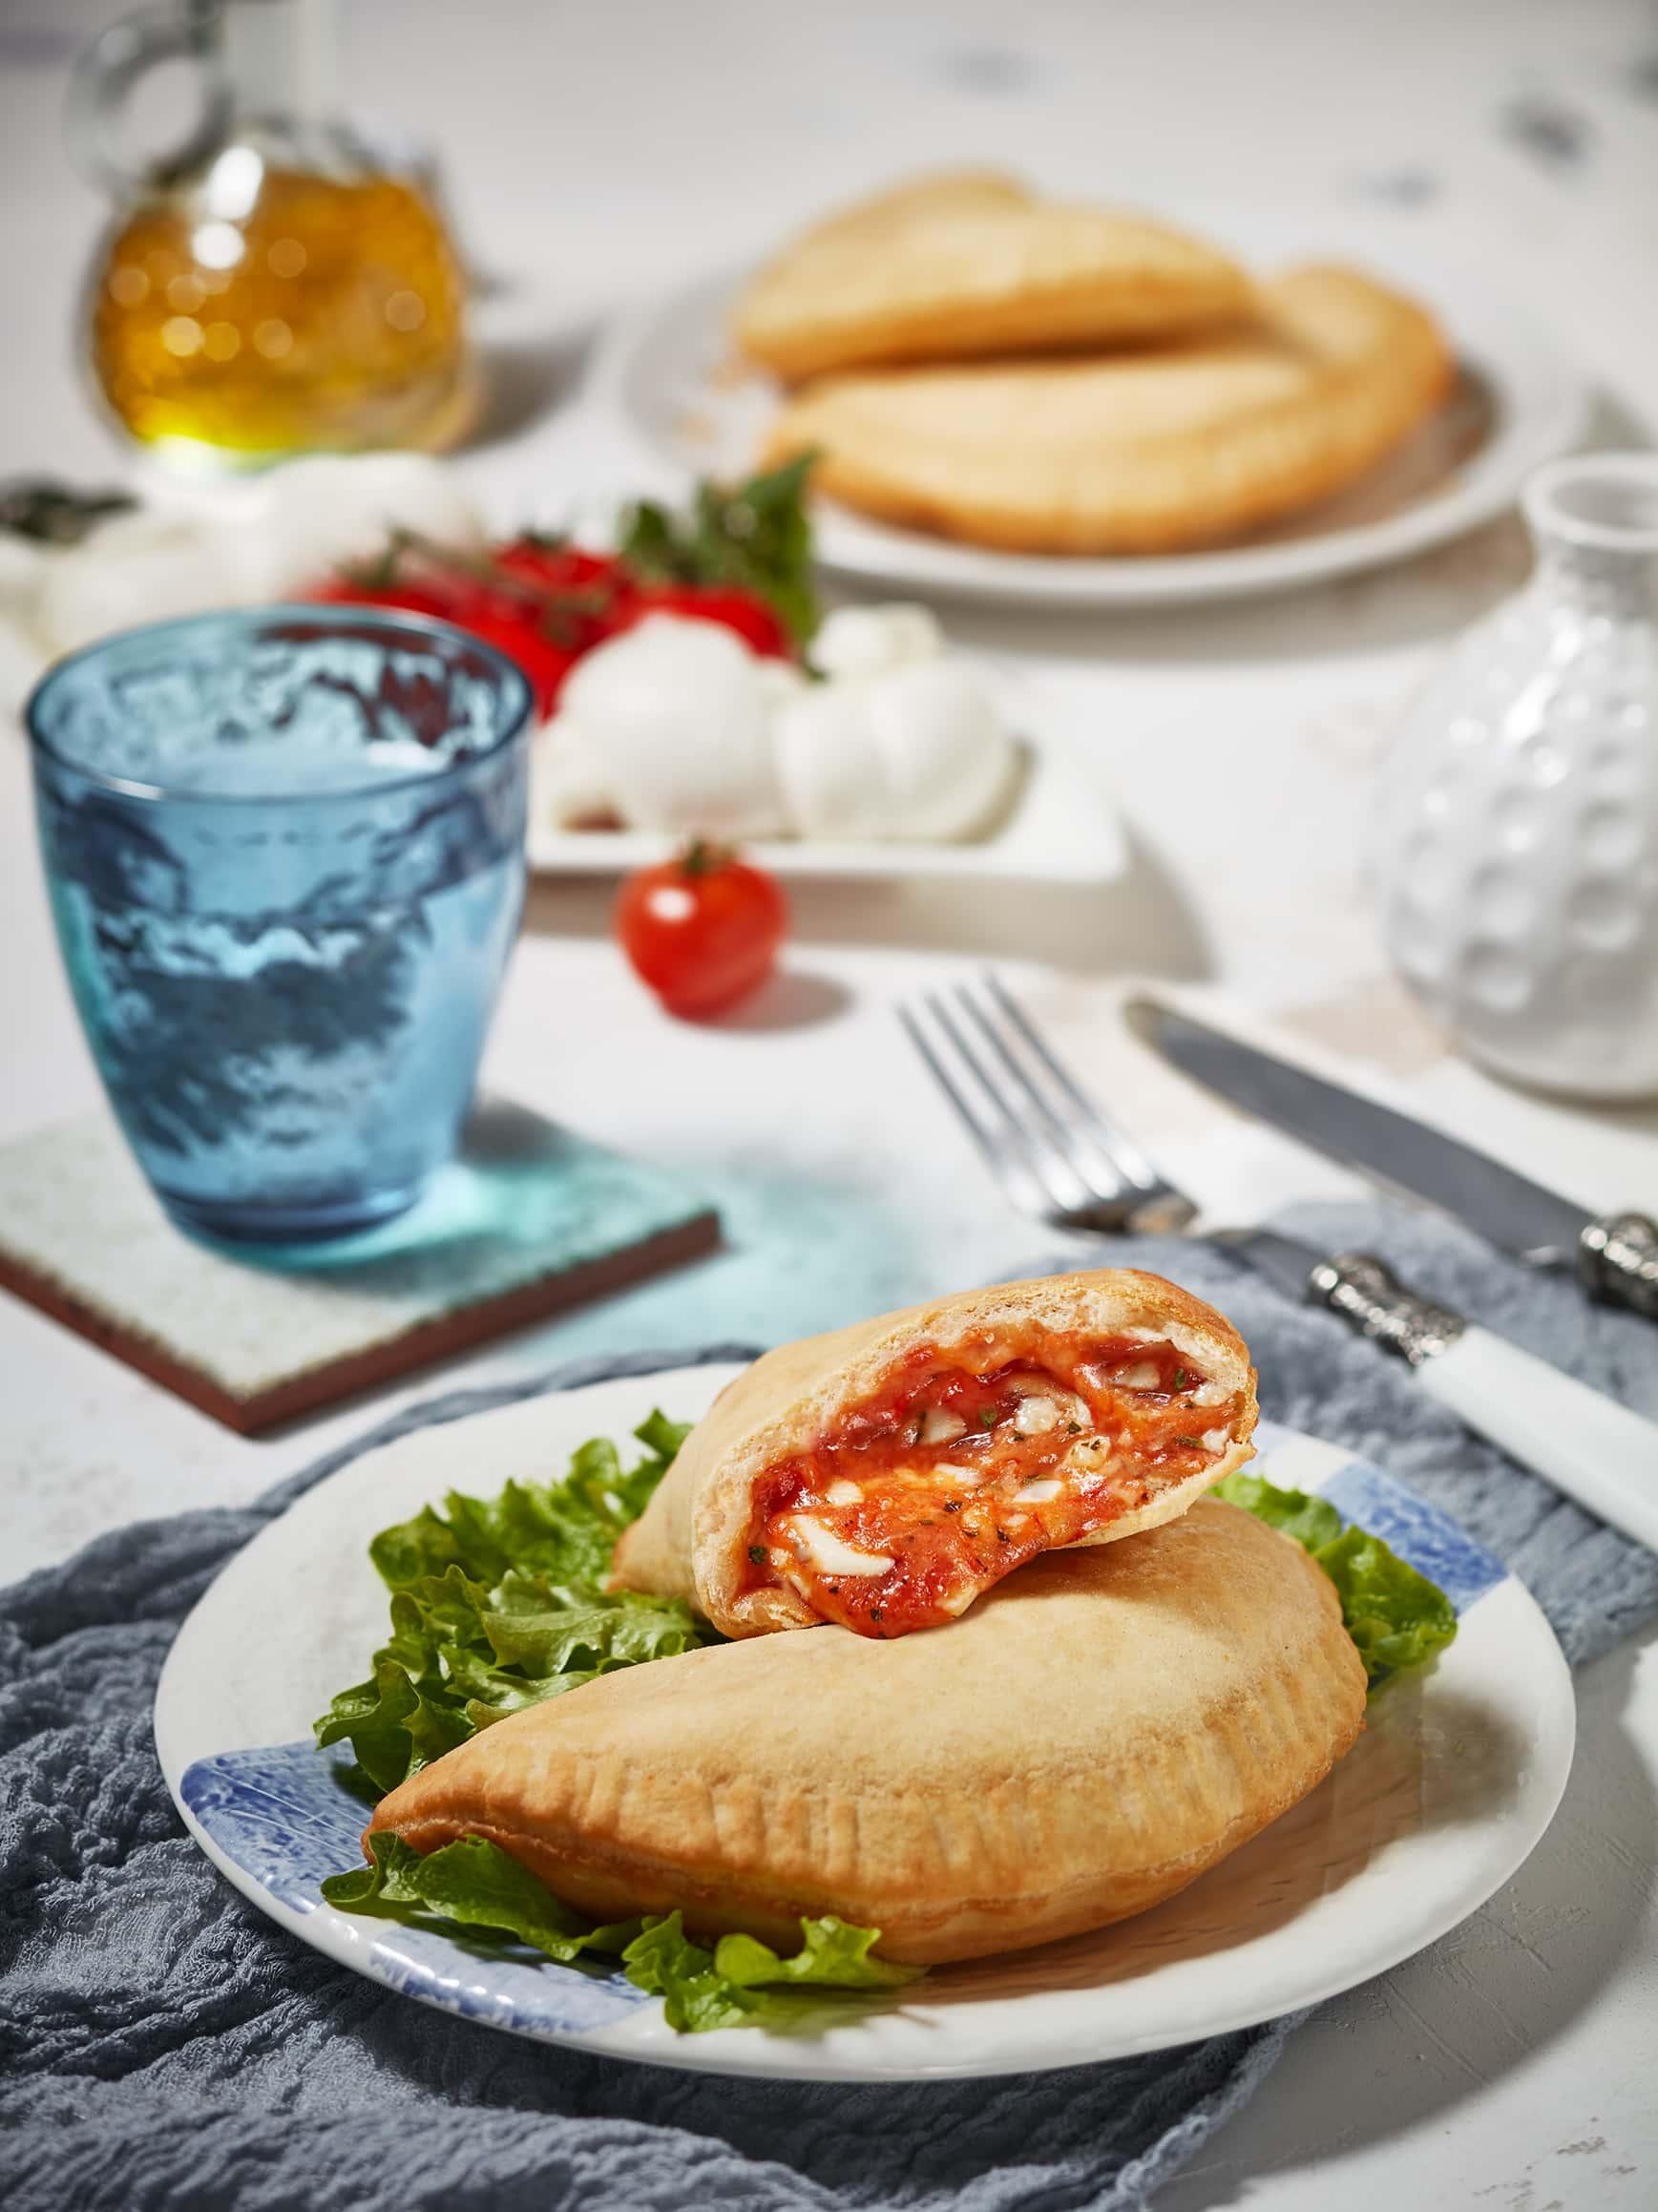 fotografo food editoriale panzerotto pugliese puglia napoli roma mozzarella filante magazine libro ricette cucina